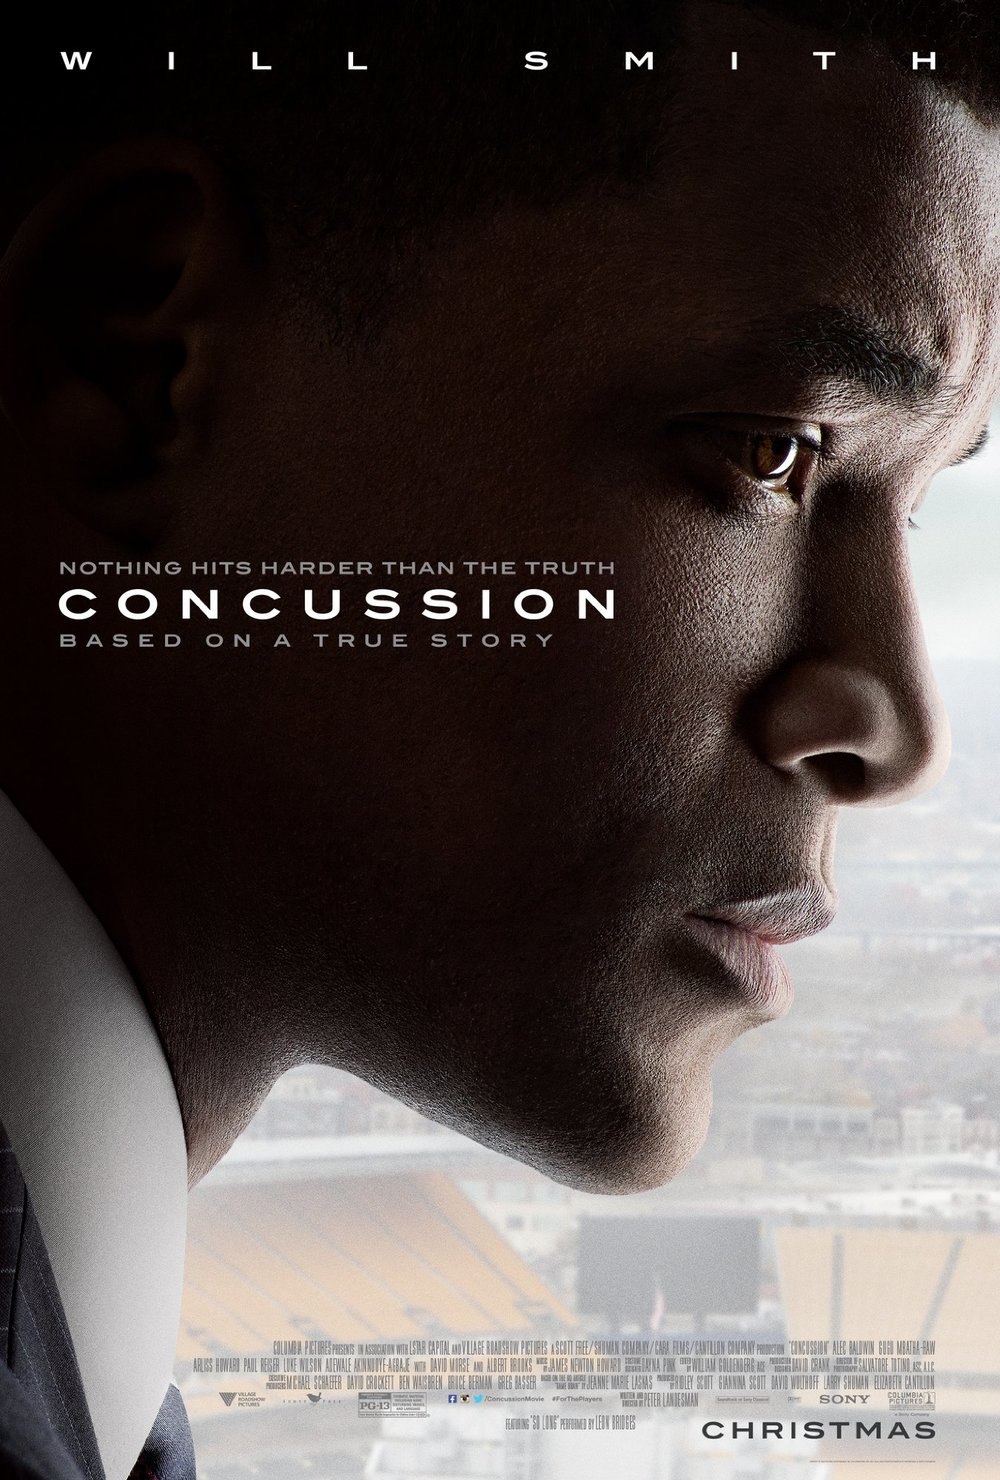 ConcussionOneSheet